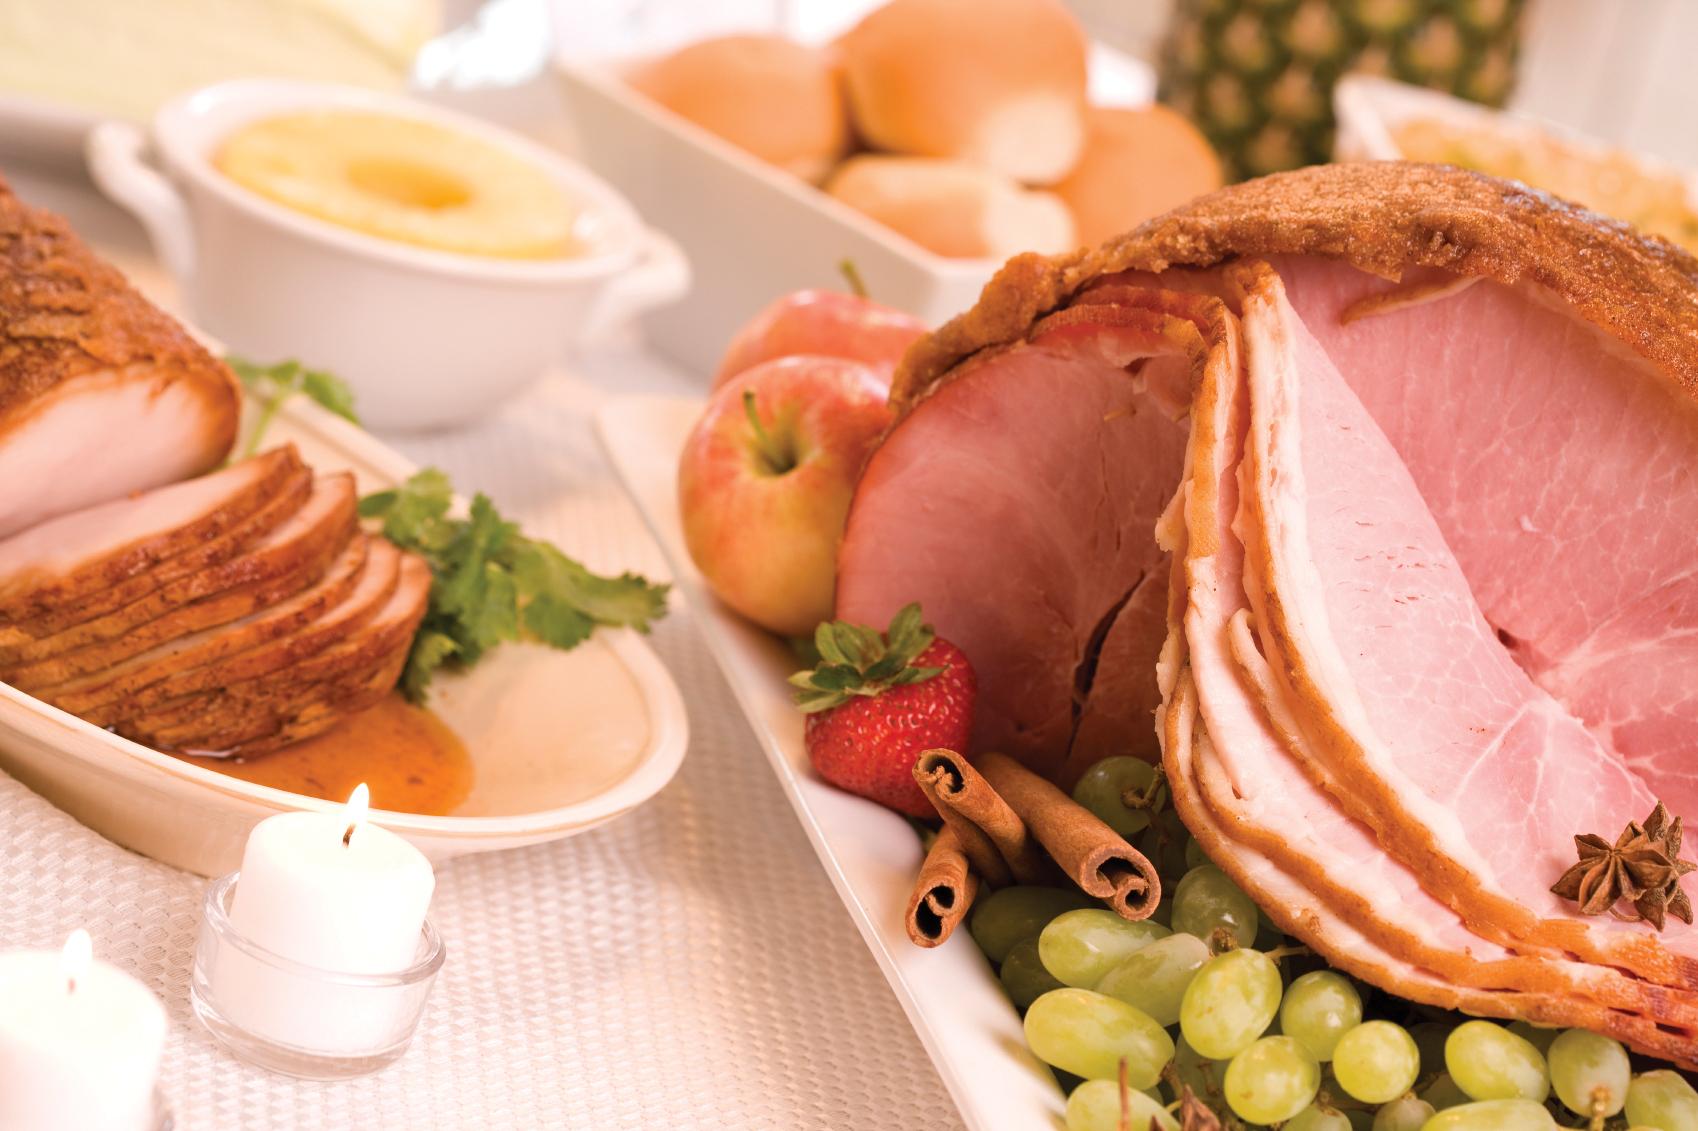 Ham-on-table.jpg